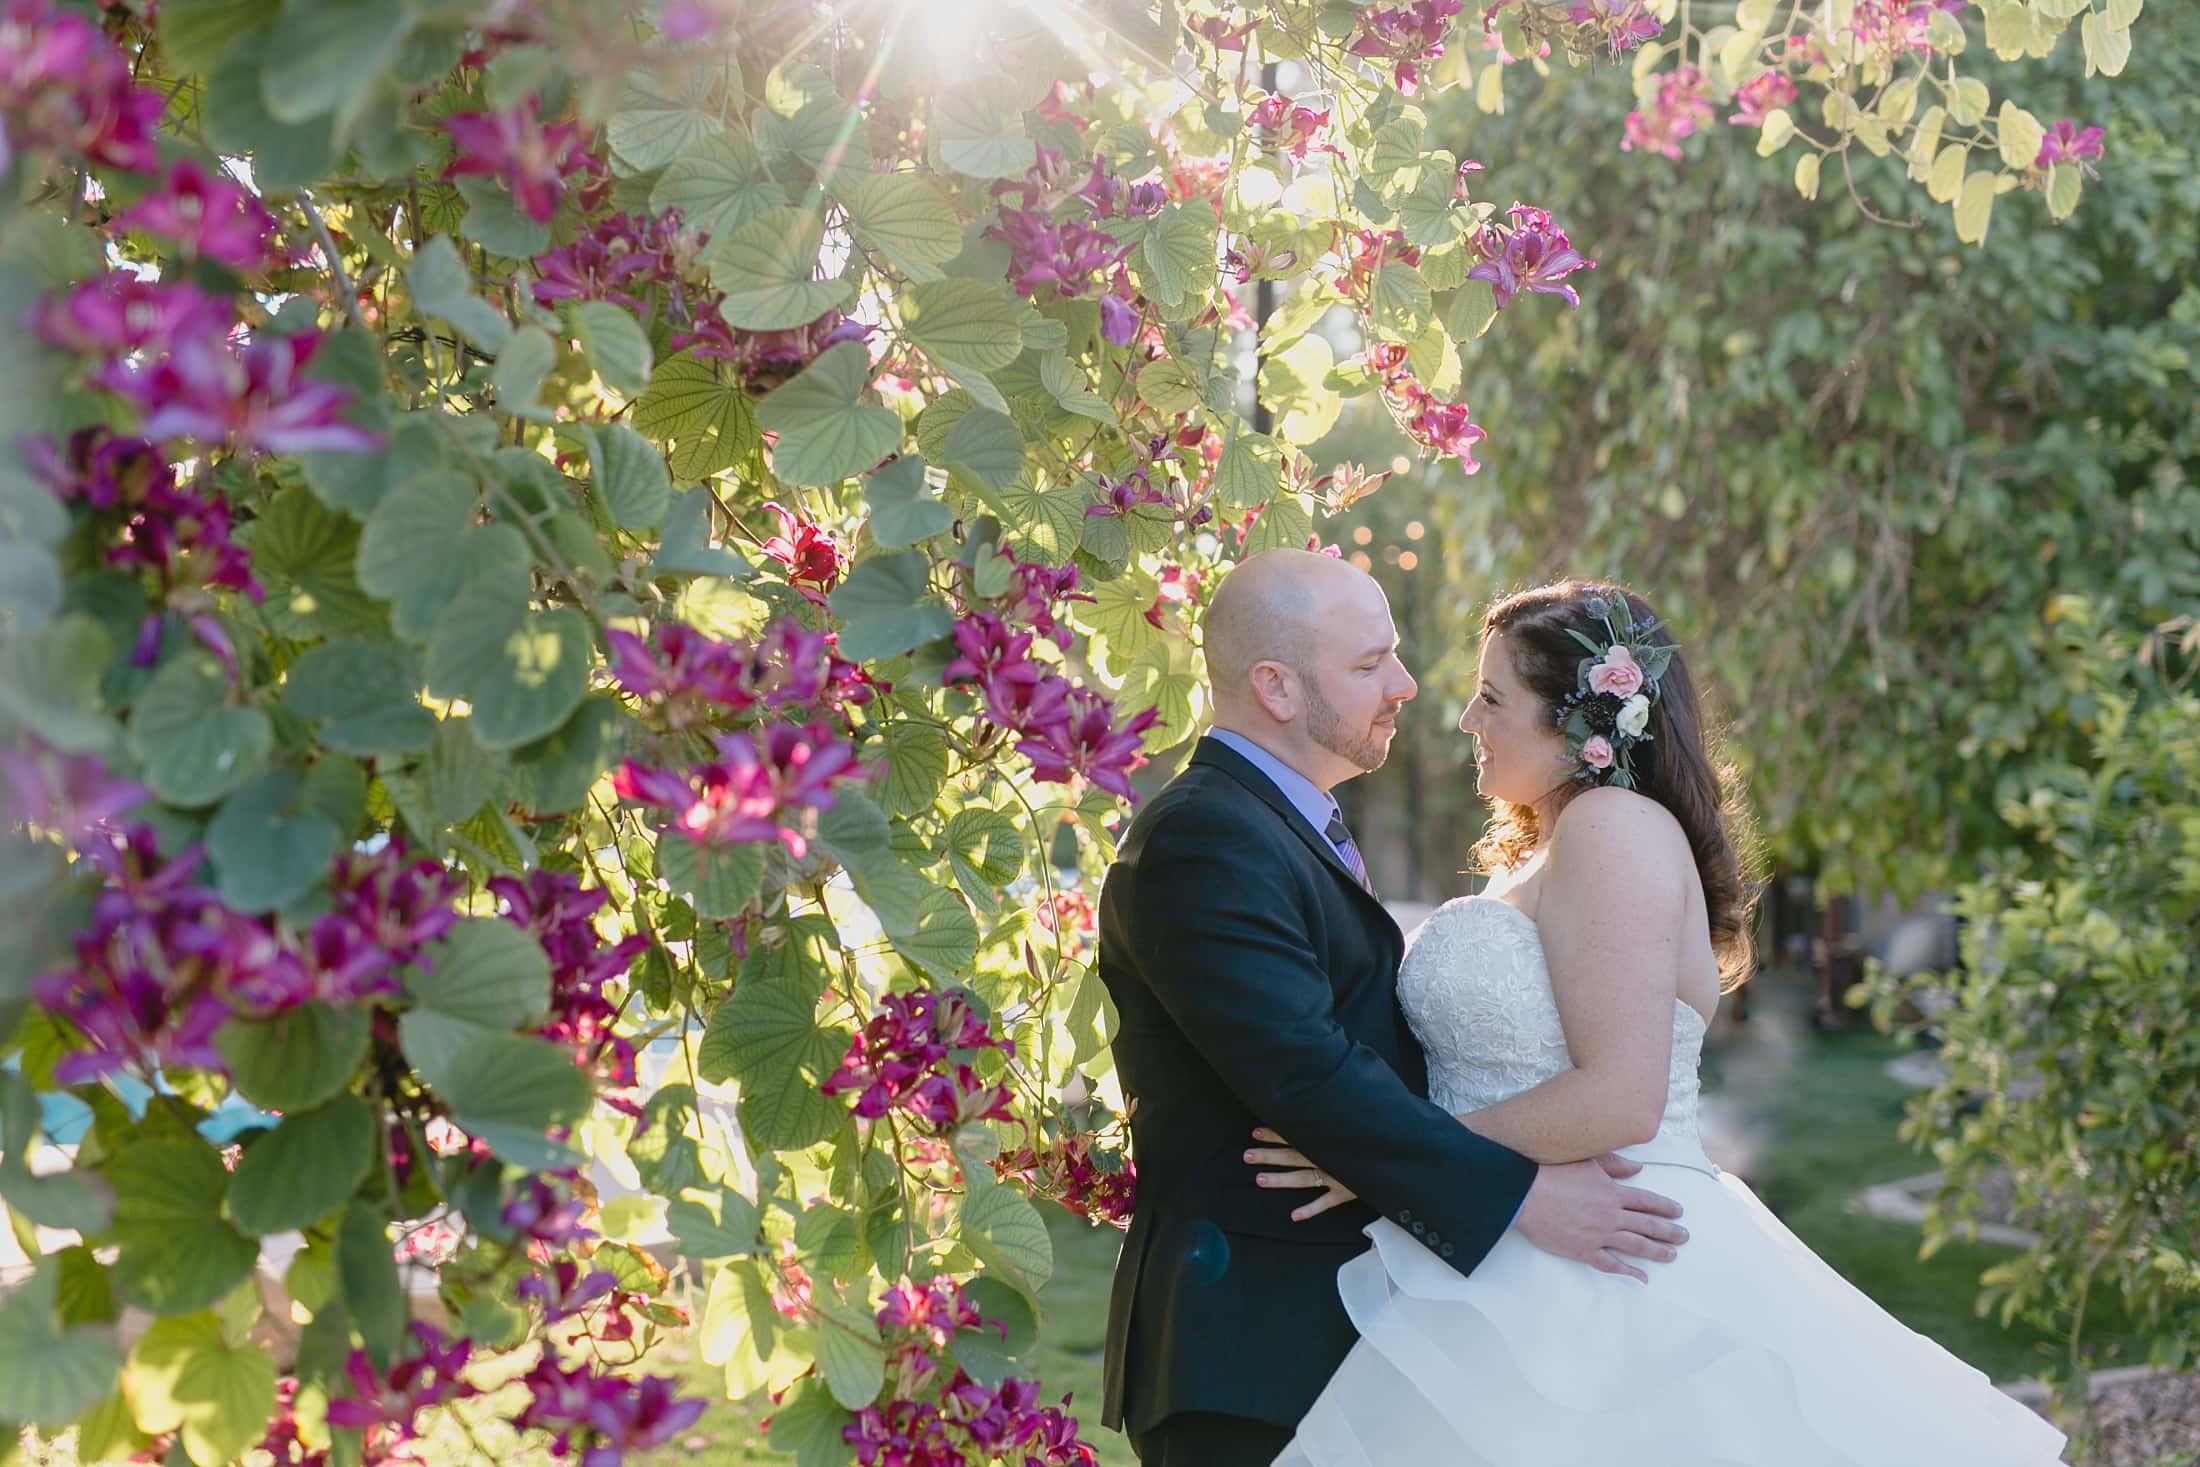 Tempe backyard wedding photos